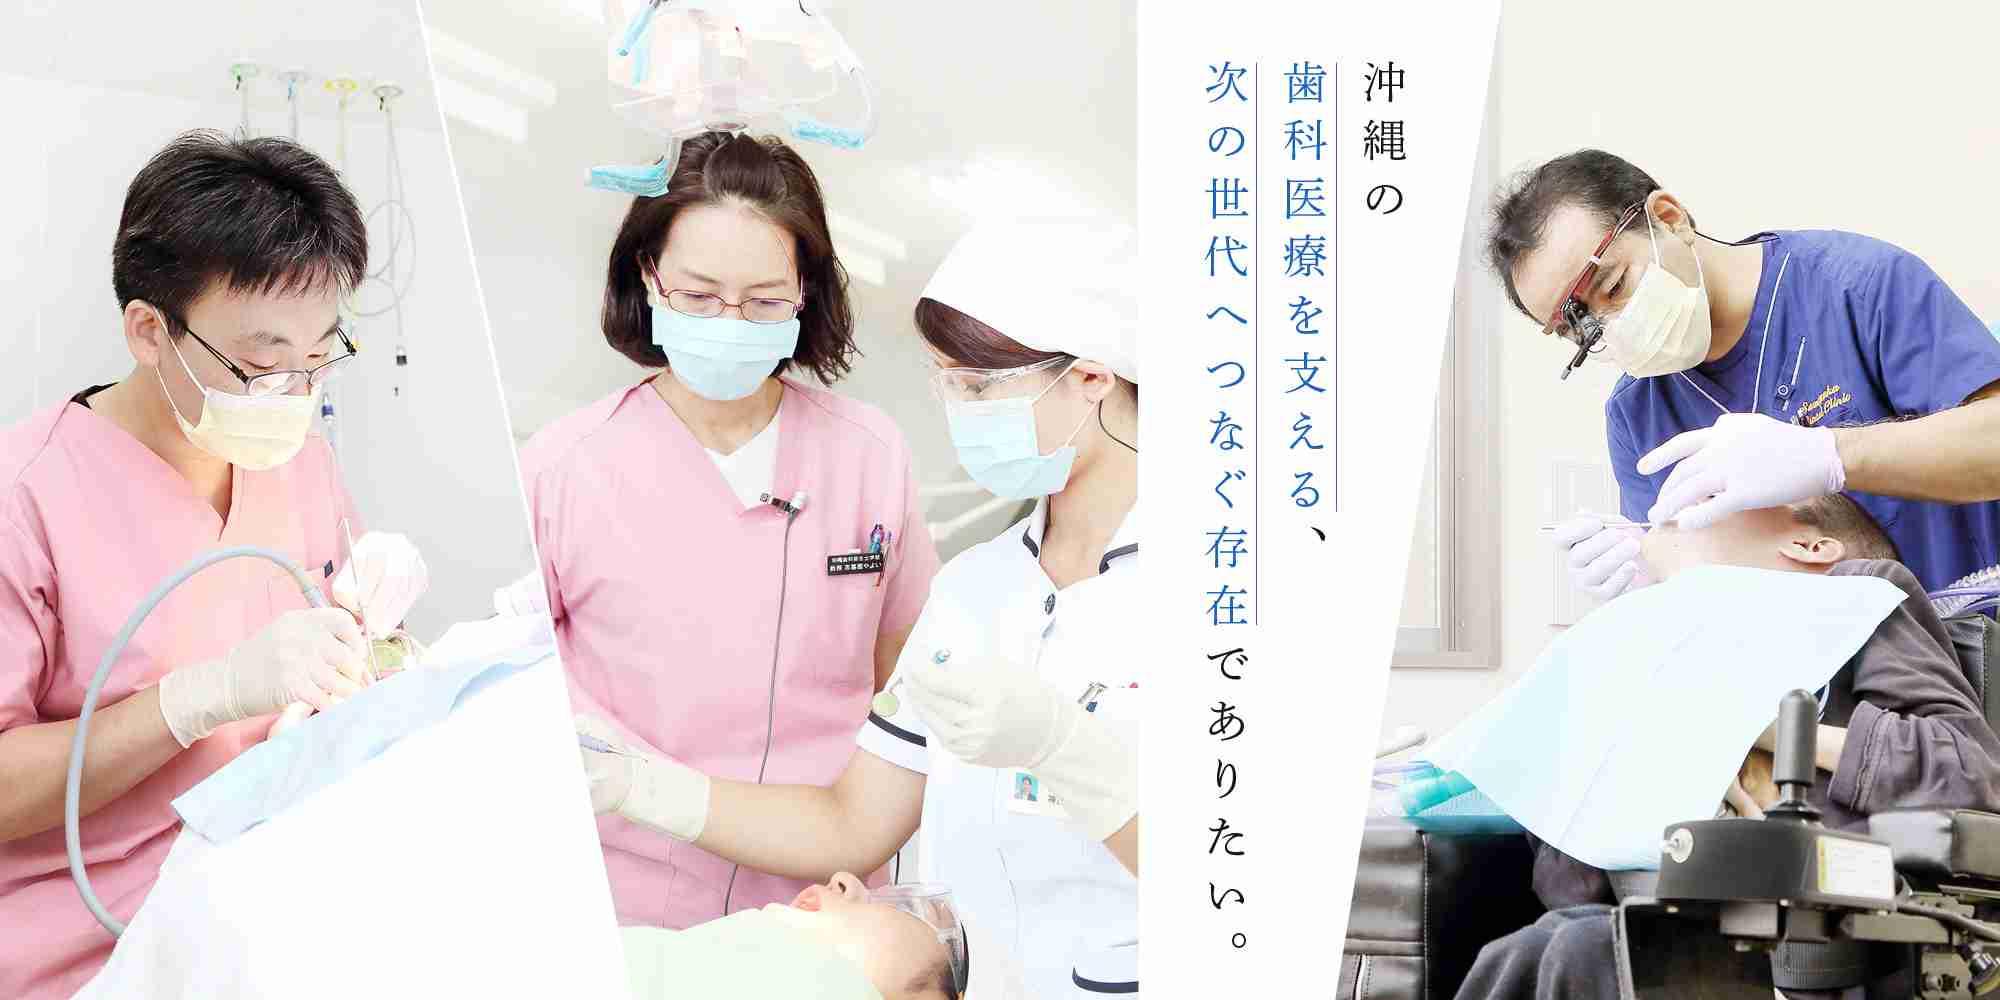 沖縄の歯科医療を支える、次の世代へつなぐ存在でありたい